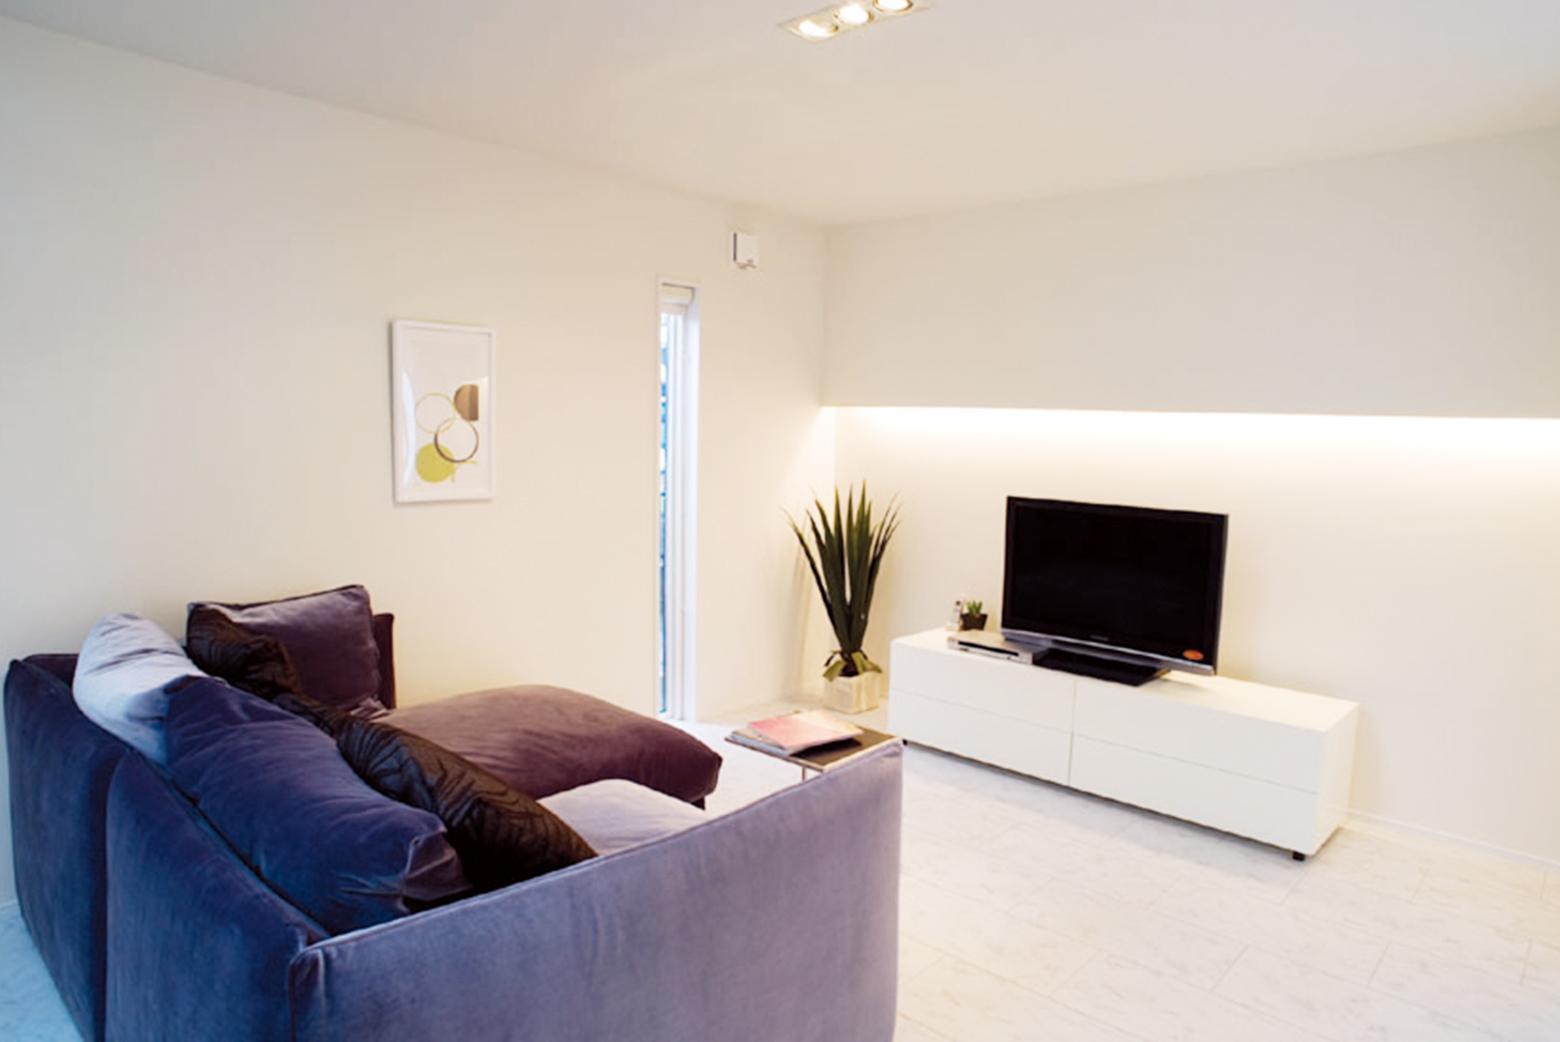 ハウスメーカー工務店として注文住宅、新築、一戸建てを長持ちさせながら、価値ある品質をご提案しています。体感型住宅展示場